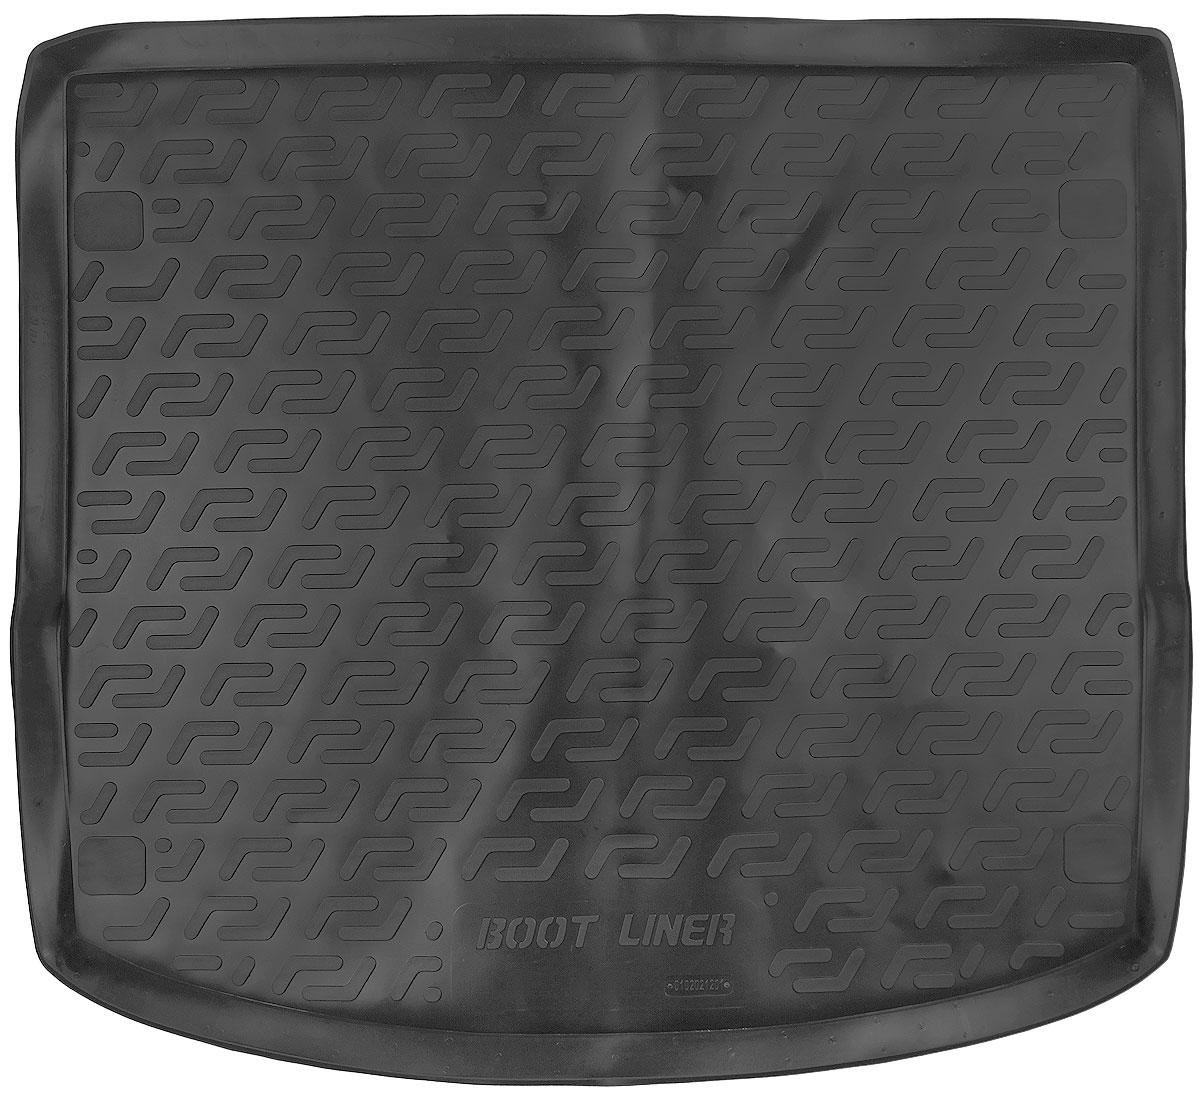 Коврик в багажник L.Locker, для Ford Focus III Turnier (11-)0102021201Коврик L.Locker производится индивидуально для каждой модели автомобиля из современного и экологически чистого материала. Изделие точно повторяет геометрию пола автомобиля, имеет высокий борт, обладает повышенной износоустойчивостью, антискользящими свойствами, лишен резкого запаха и сохраняет свои потребительские свойства в широком диапазоне температур (от -50°С до +80°С).